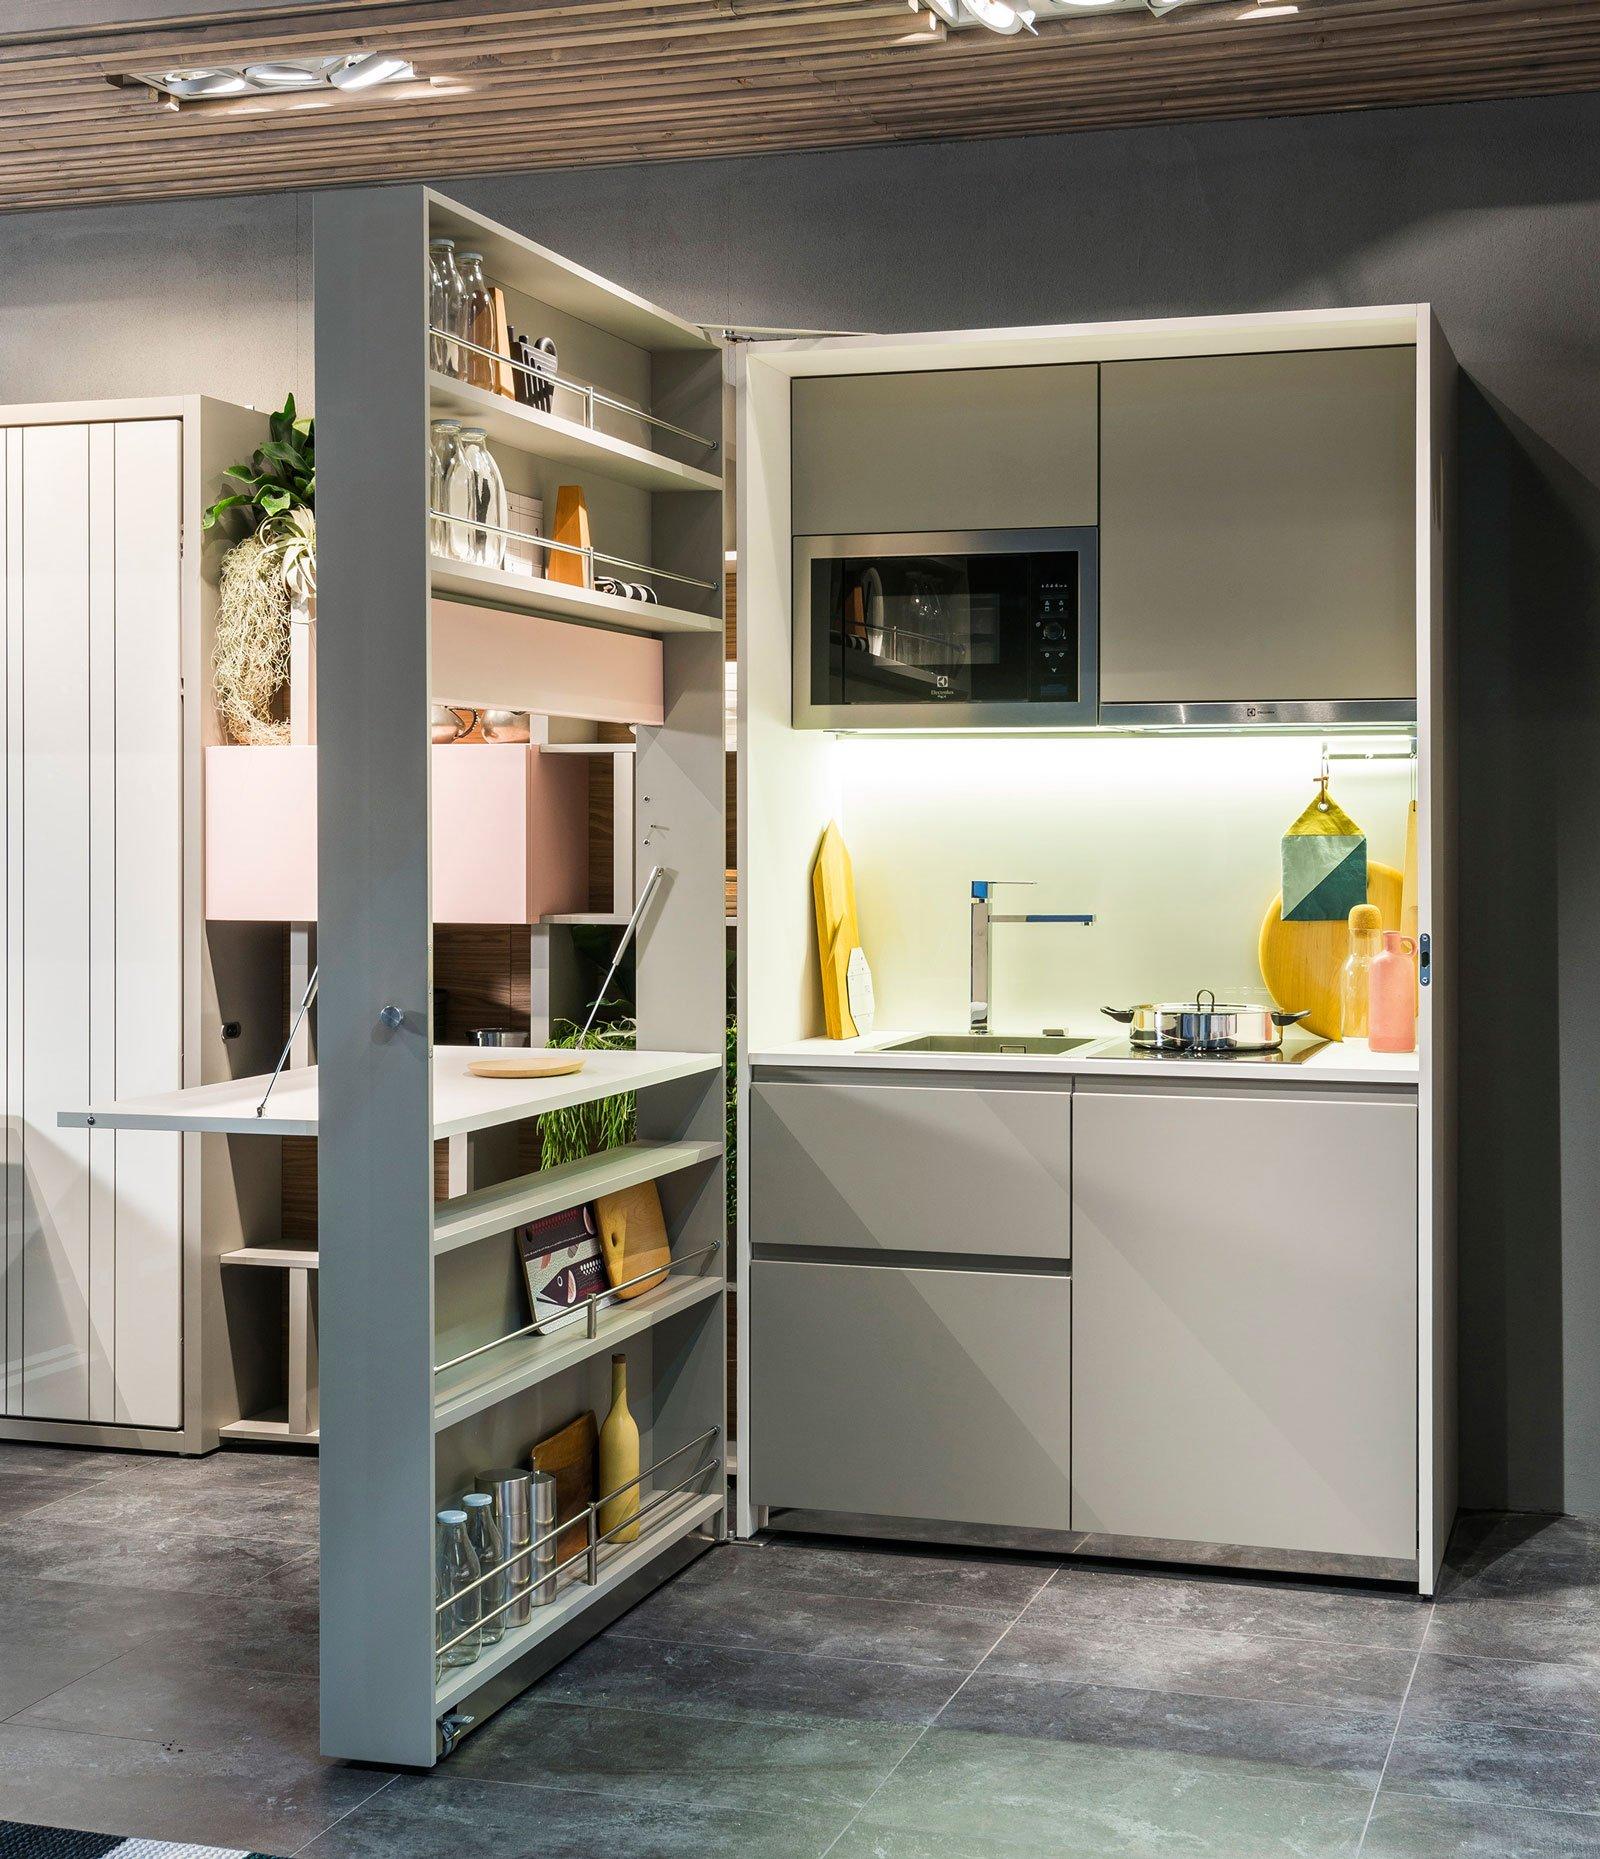 Cucine piccole: composizioni compatte anche per il soggiorno - Cose di Casa